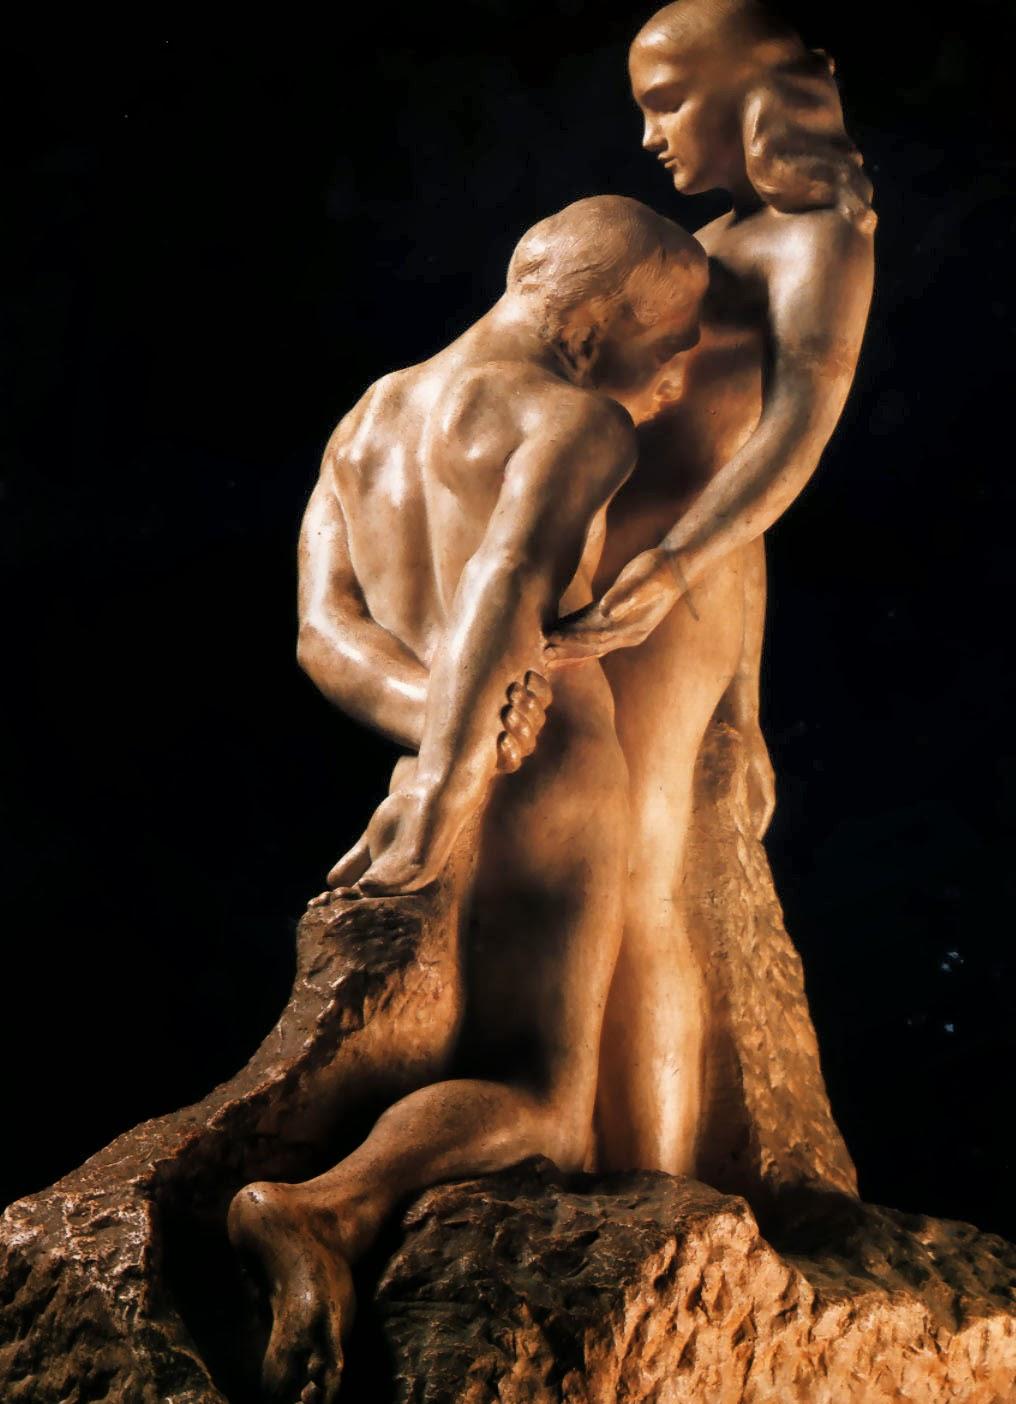 Auguste Rodin - Eternal idol, 1889